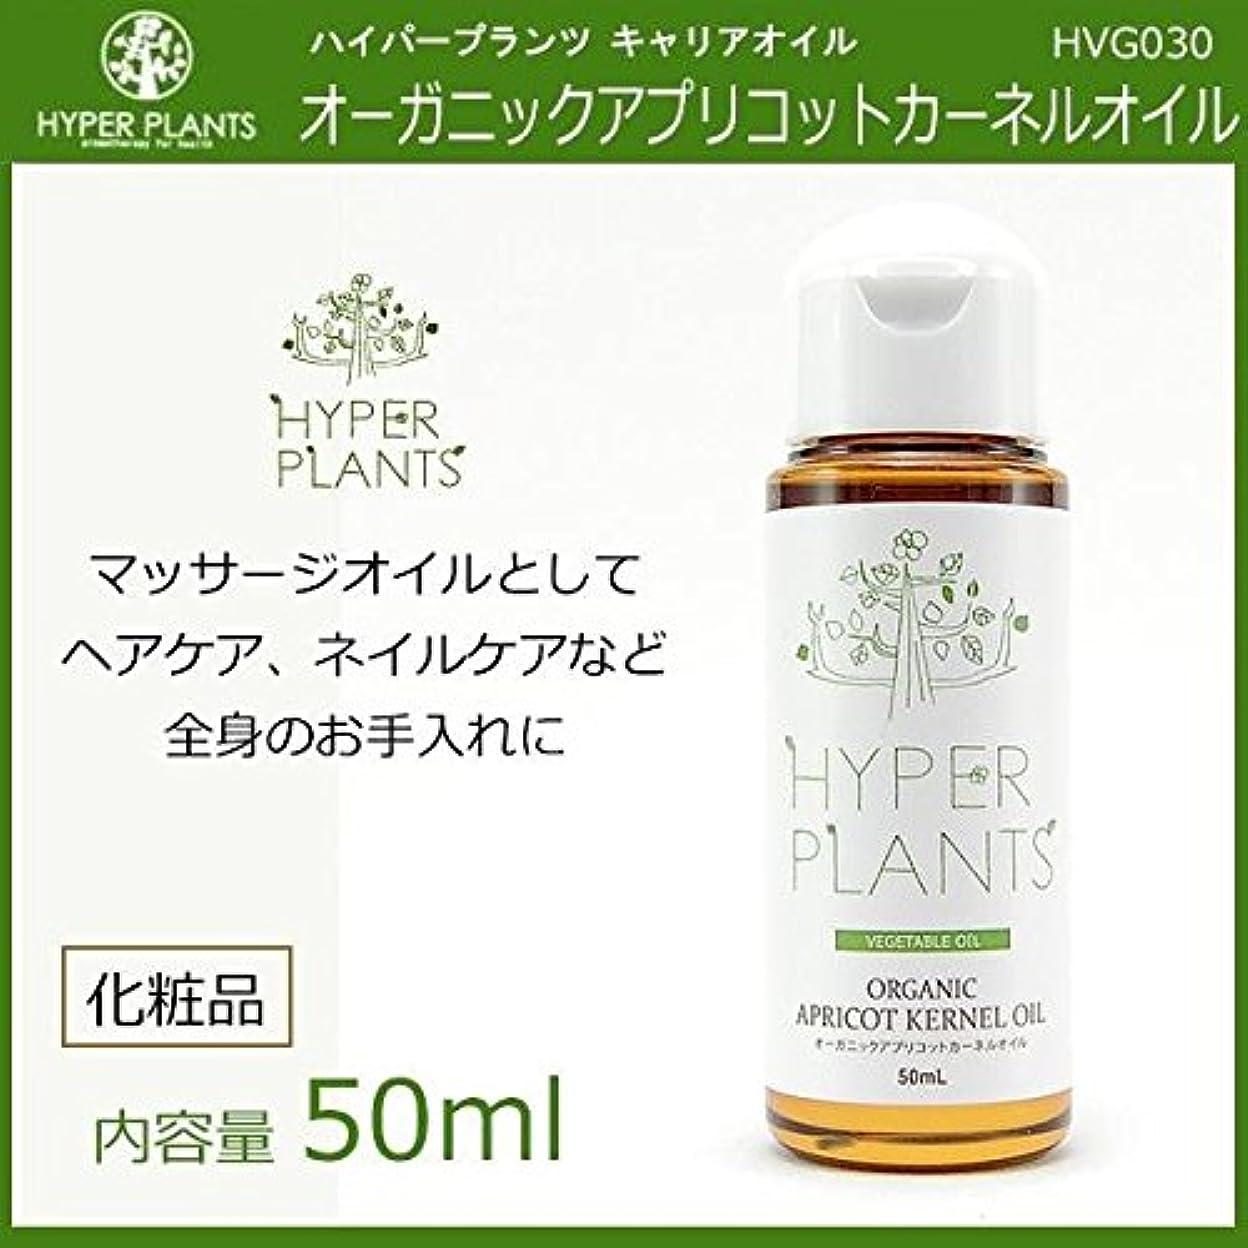 明るいハンサム略すHYPER PLANTS ハイパープランツ キャリアオイル オーガニックアプリコットカーネルオイル 50ml HVG030